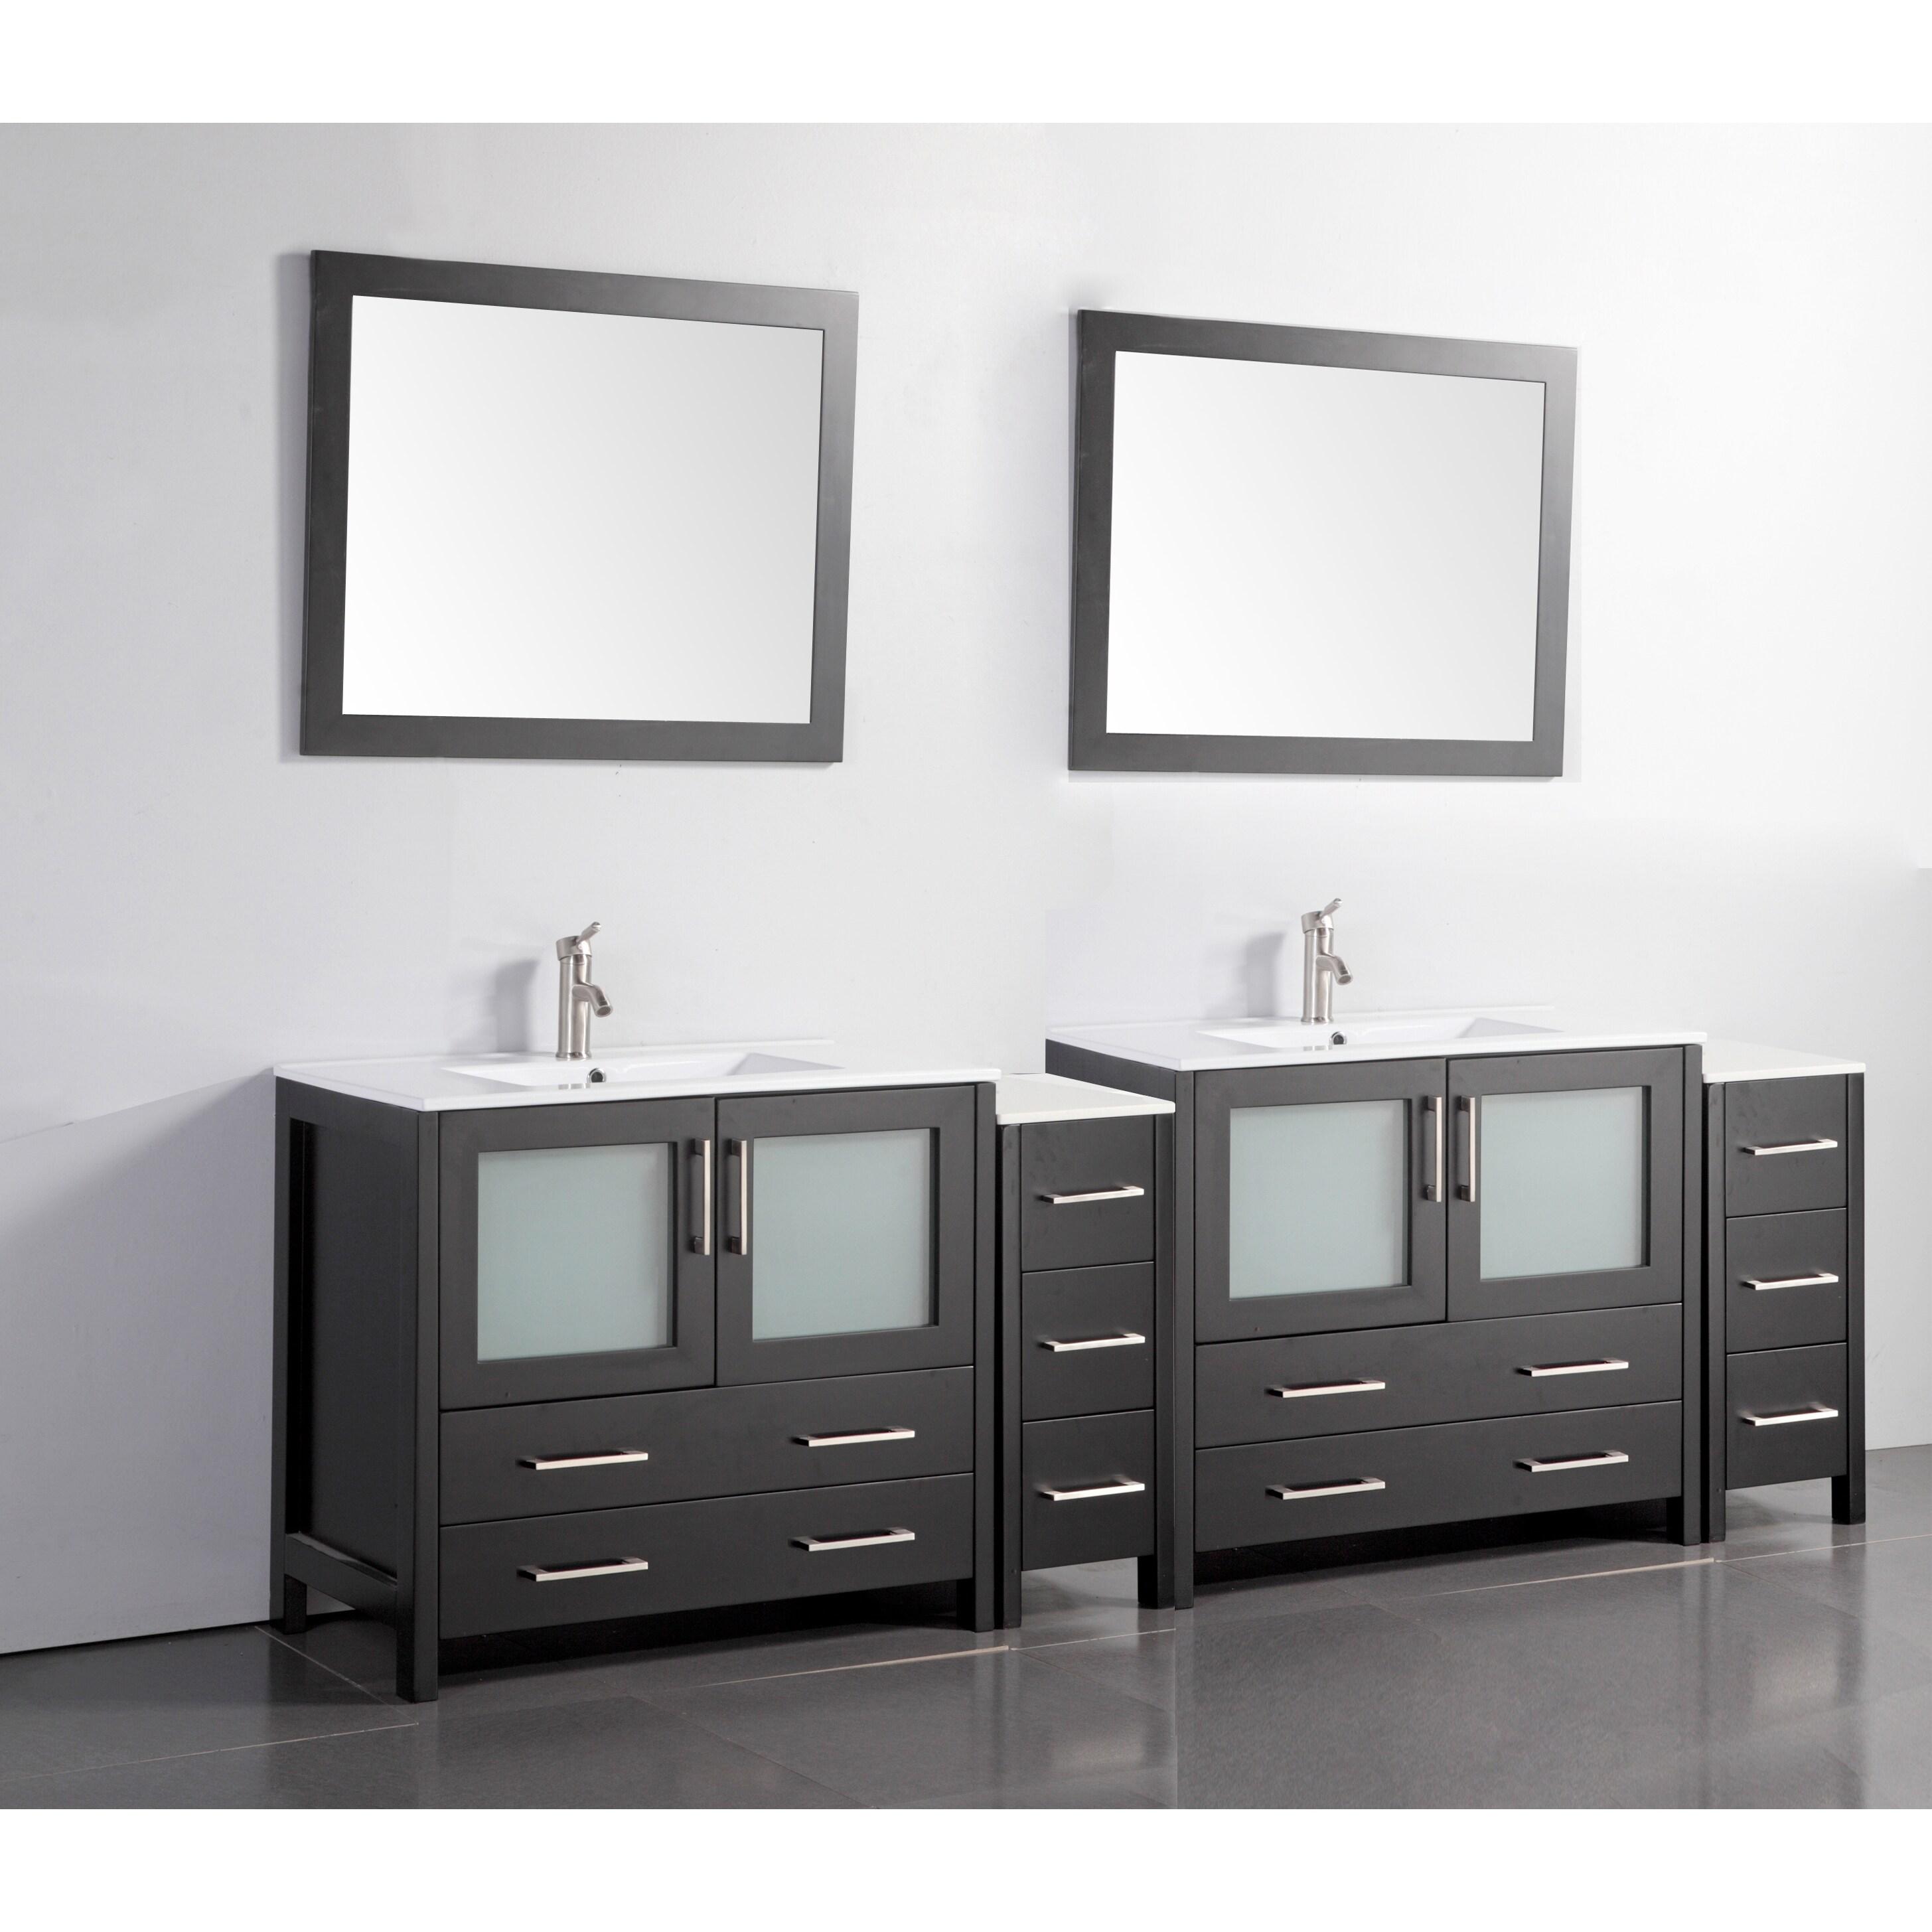 Shop vanity art ceramic sink top 96 inch double sink bathroom vanity set free shipping today overstock com 12609925